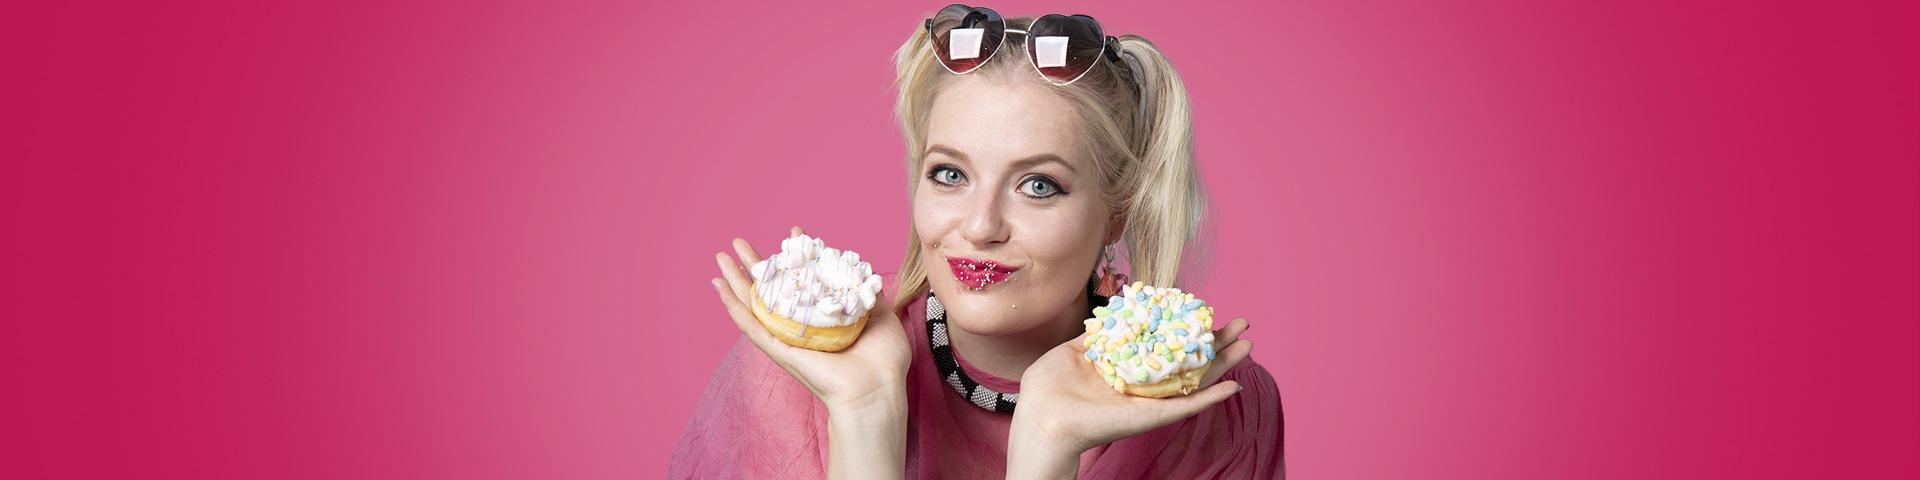 Donuts bij u bezorgd of afhalen in onze winkel | Donuts + Bagels